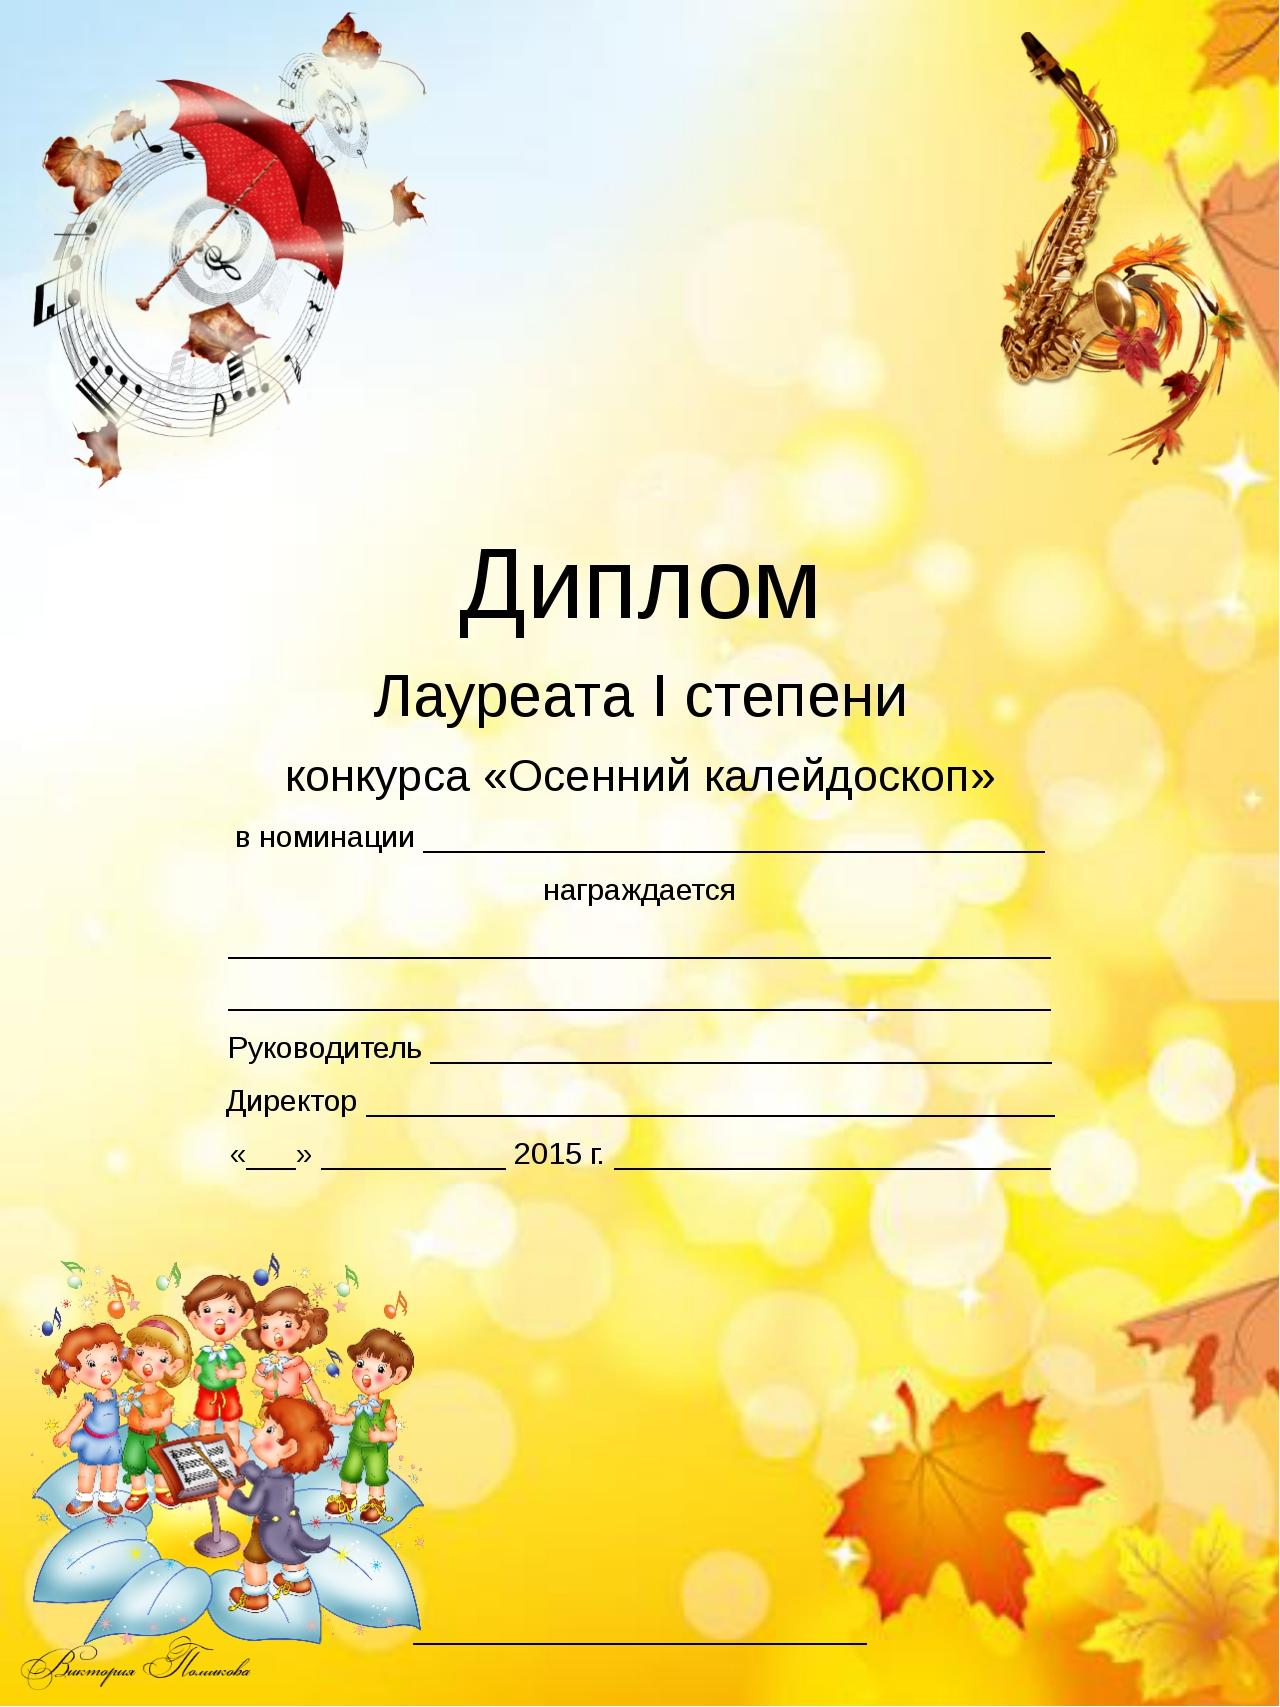 Диплом Лауреата I степени конкурса «Осенний калейдоскоп» в номинации ________...